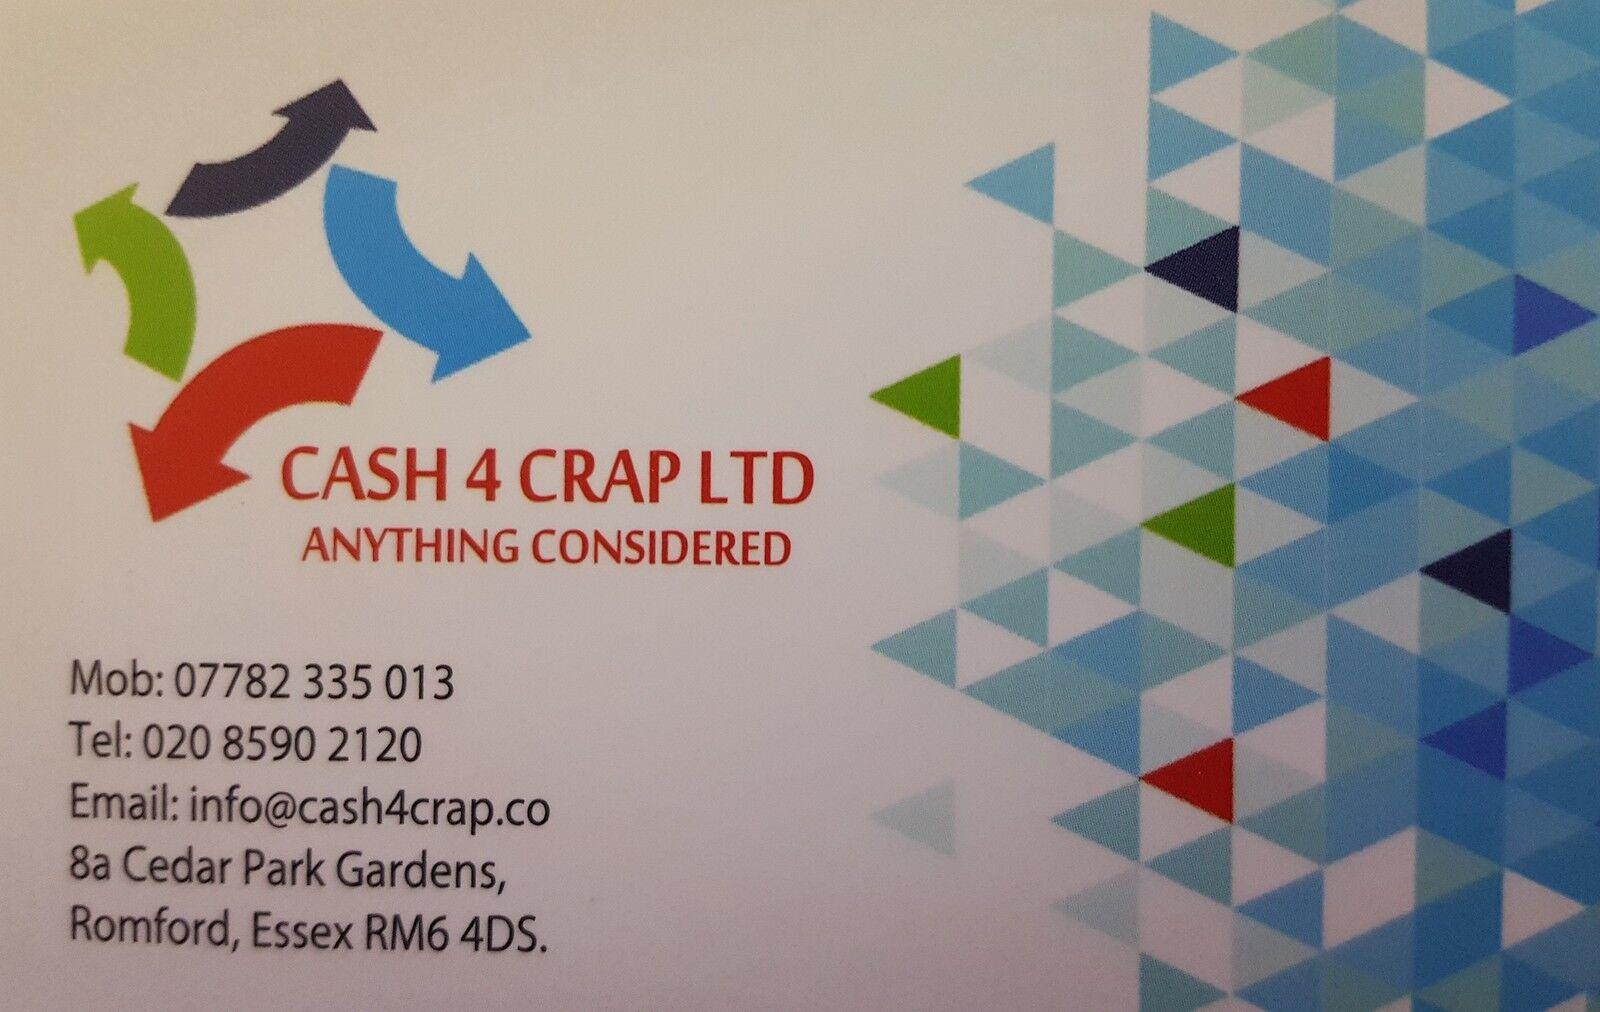 Cash 4 Crap